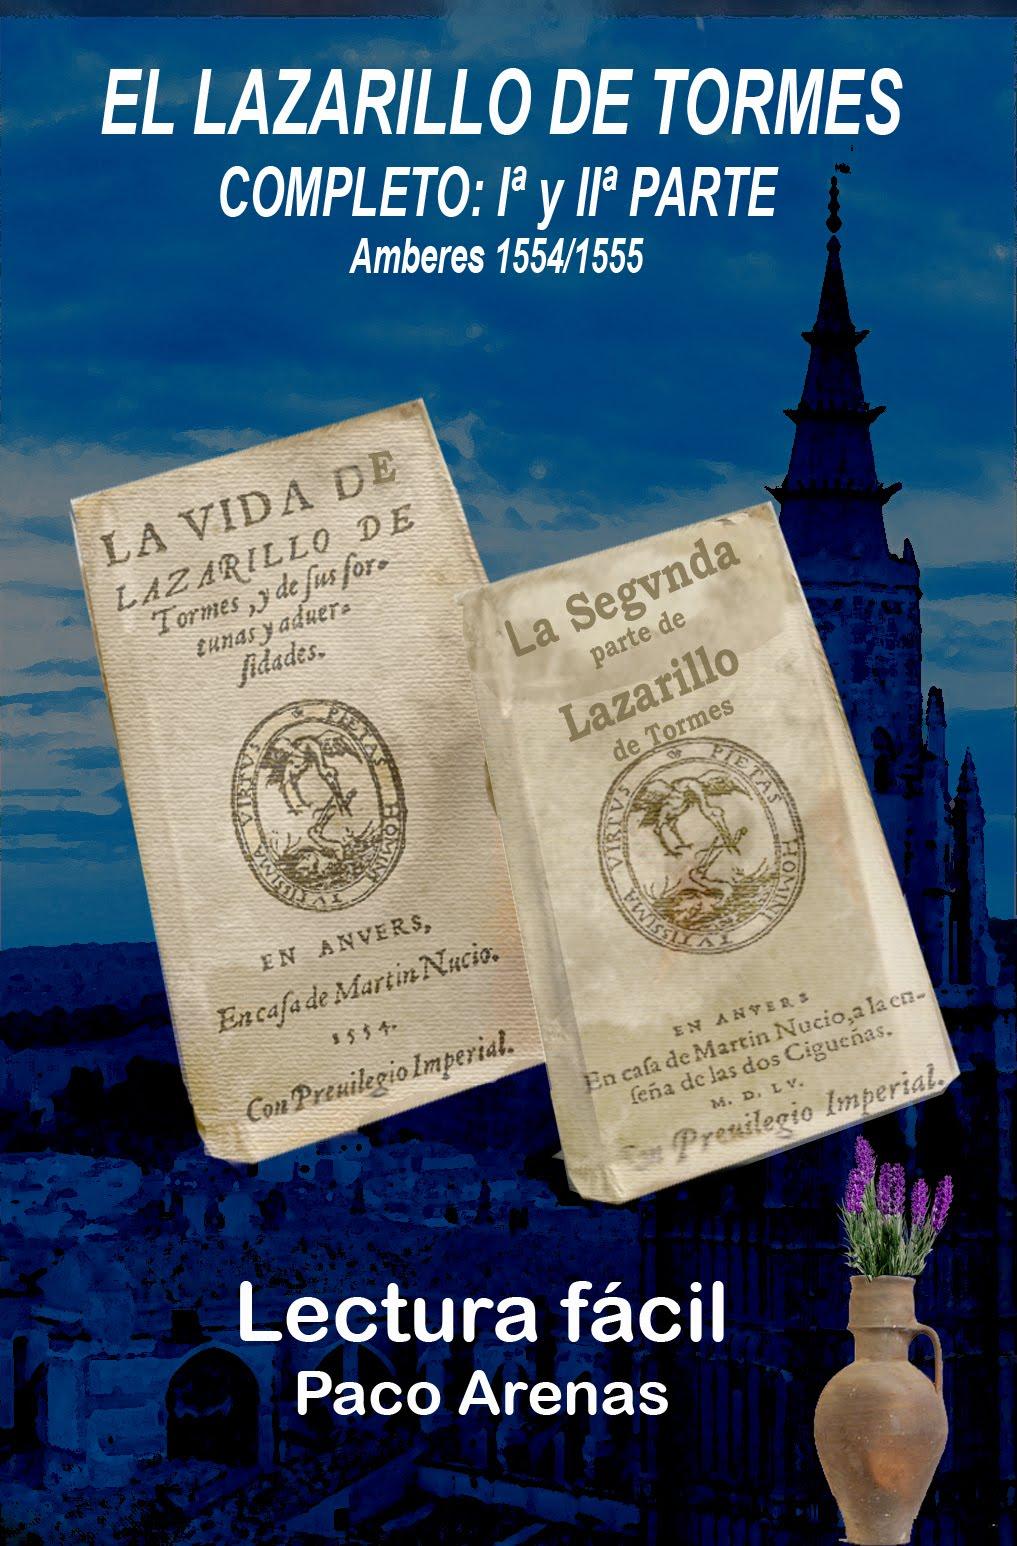 EL LAZARILLO DE TORMES COMPLETO I Y II PARTE Amberes 1554/1555